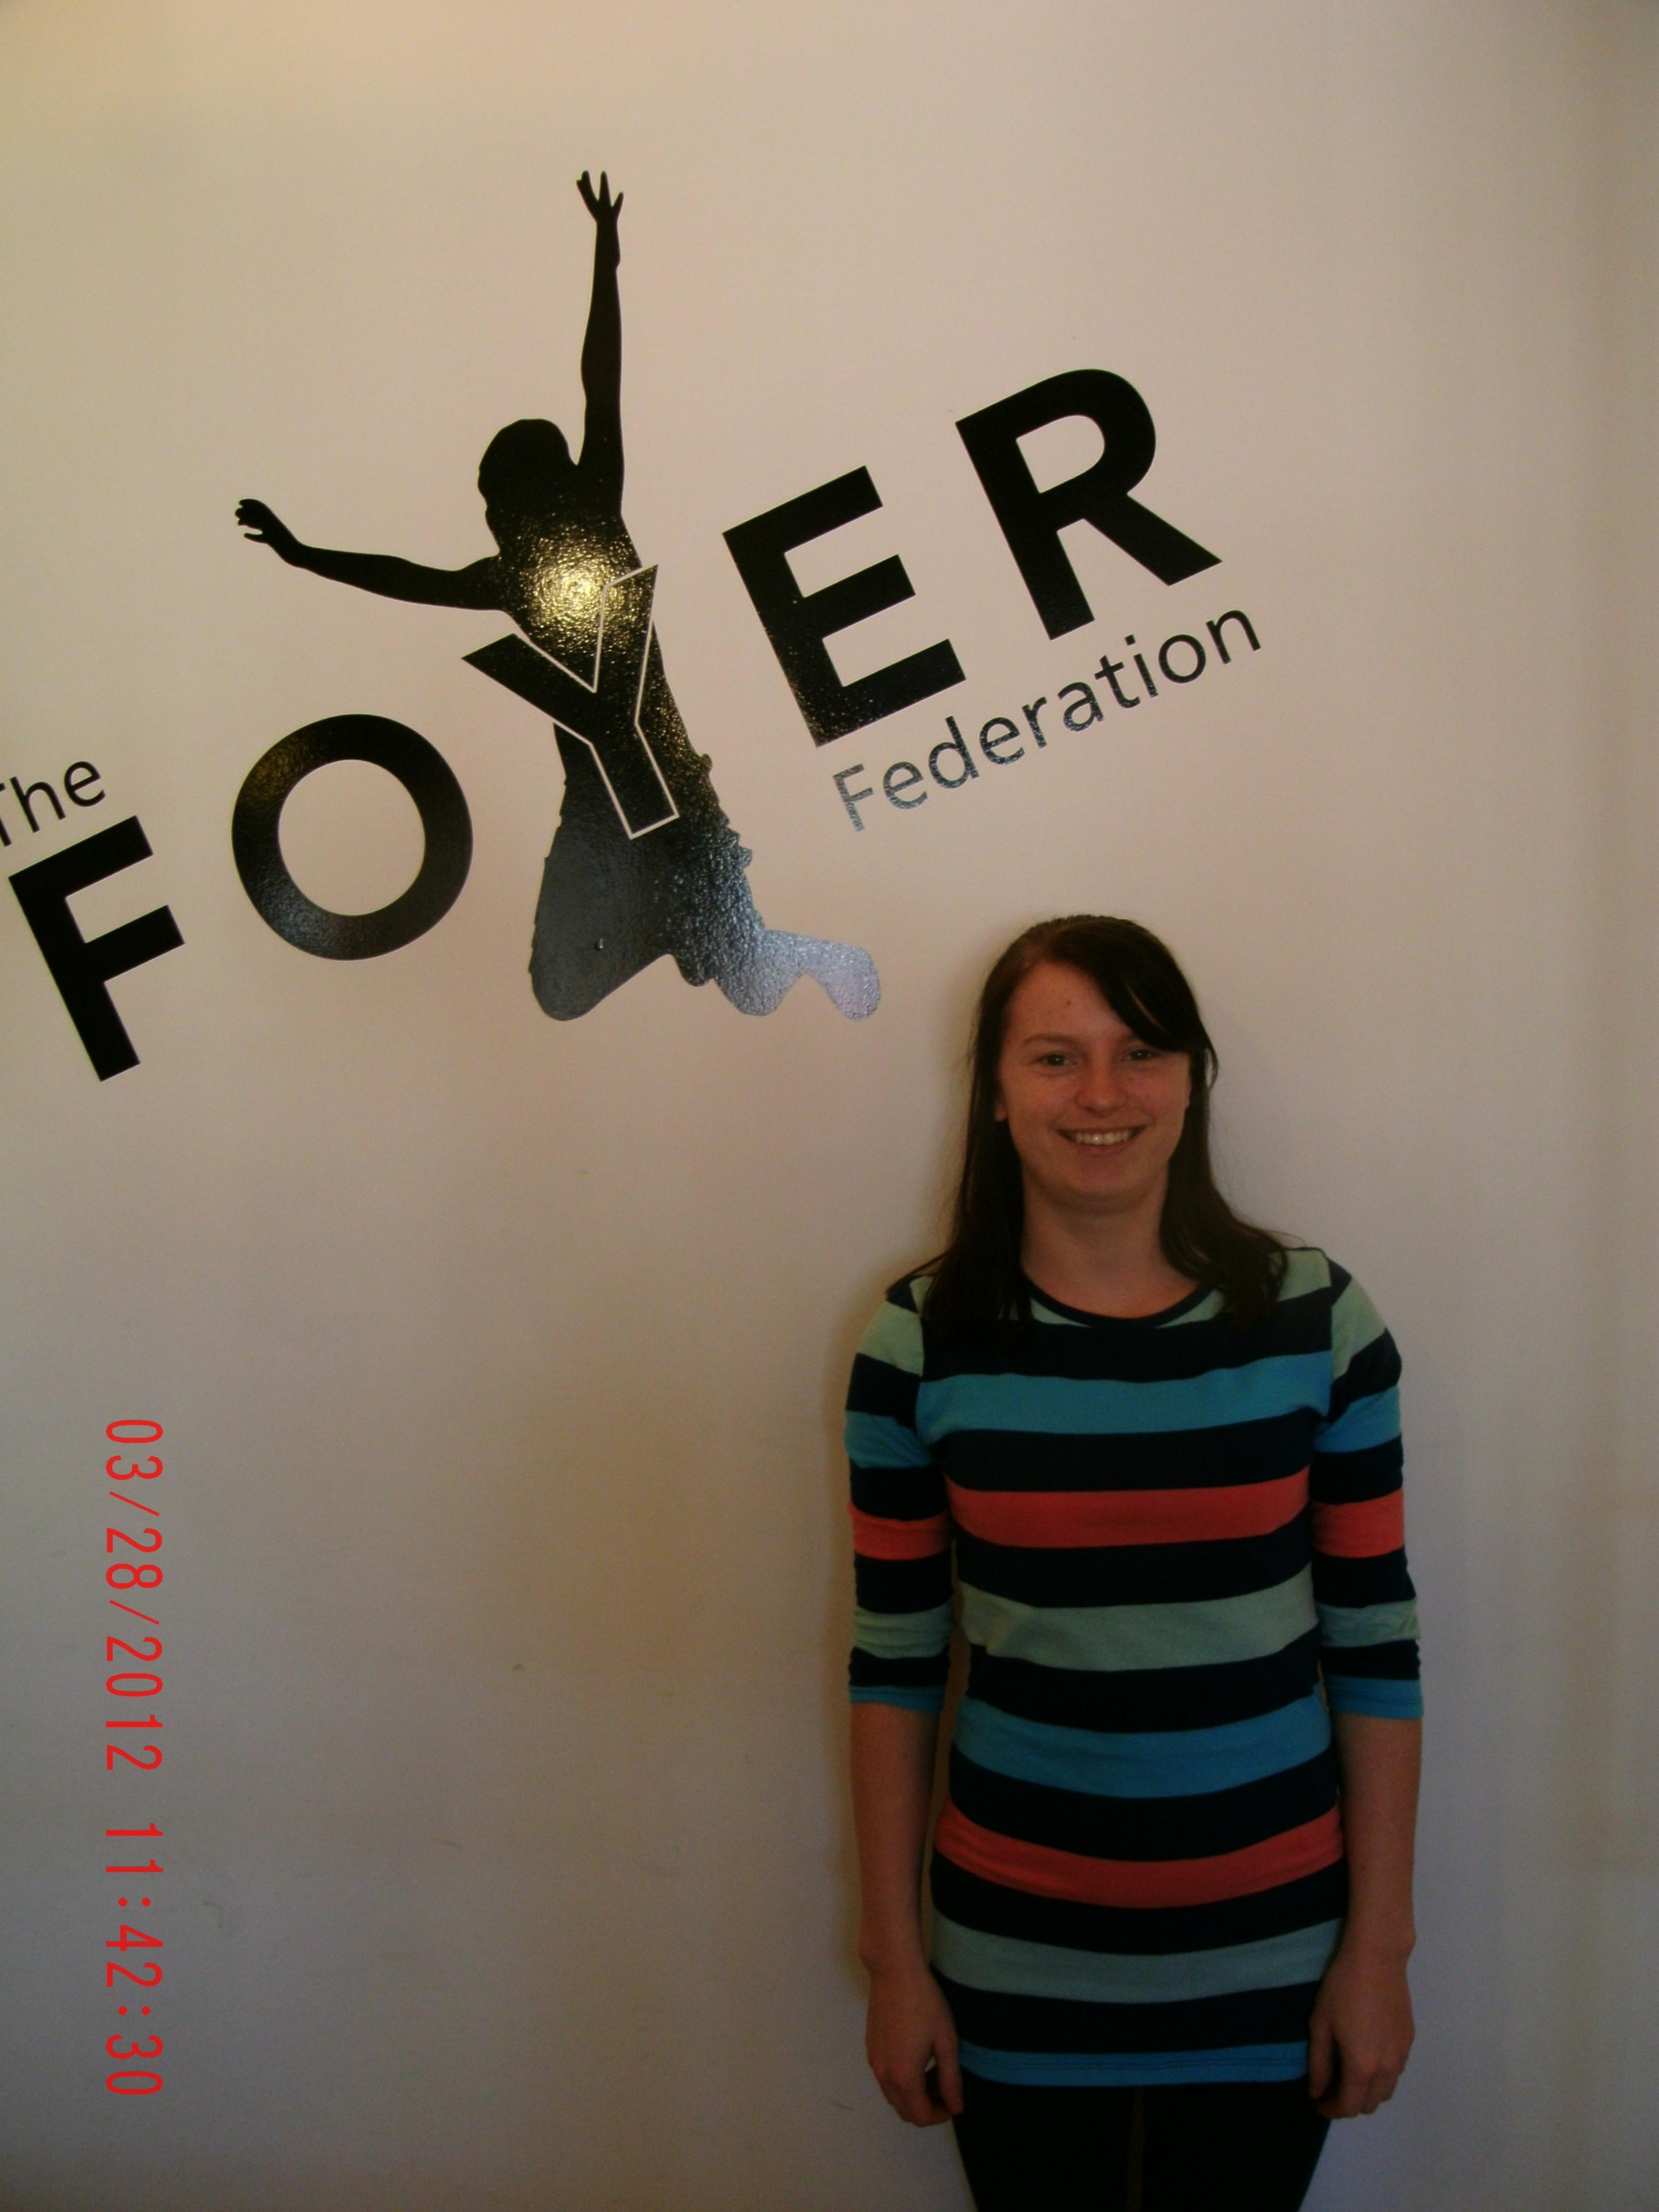 Open Talent Foyer Federation : Medewerkers van de foyer federation en wat ze doen op